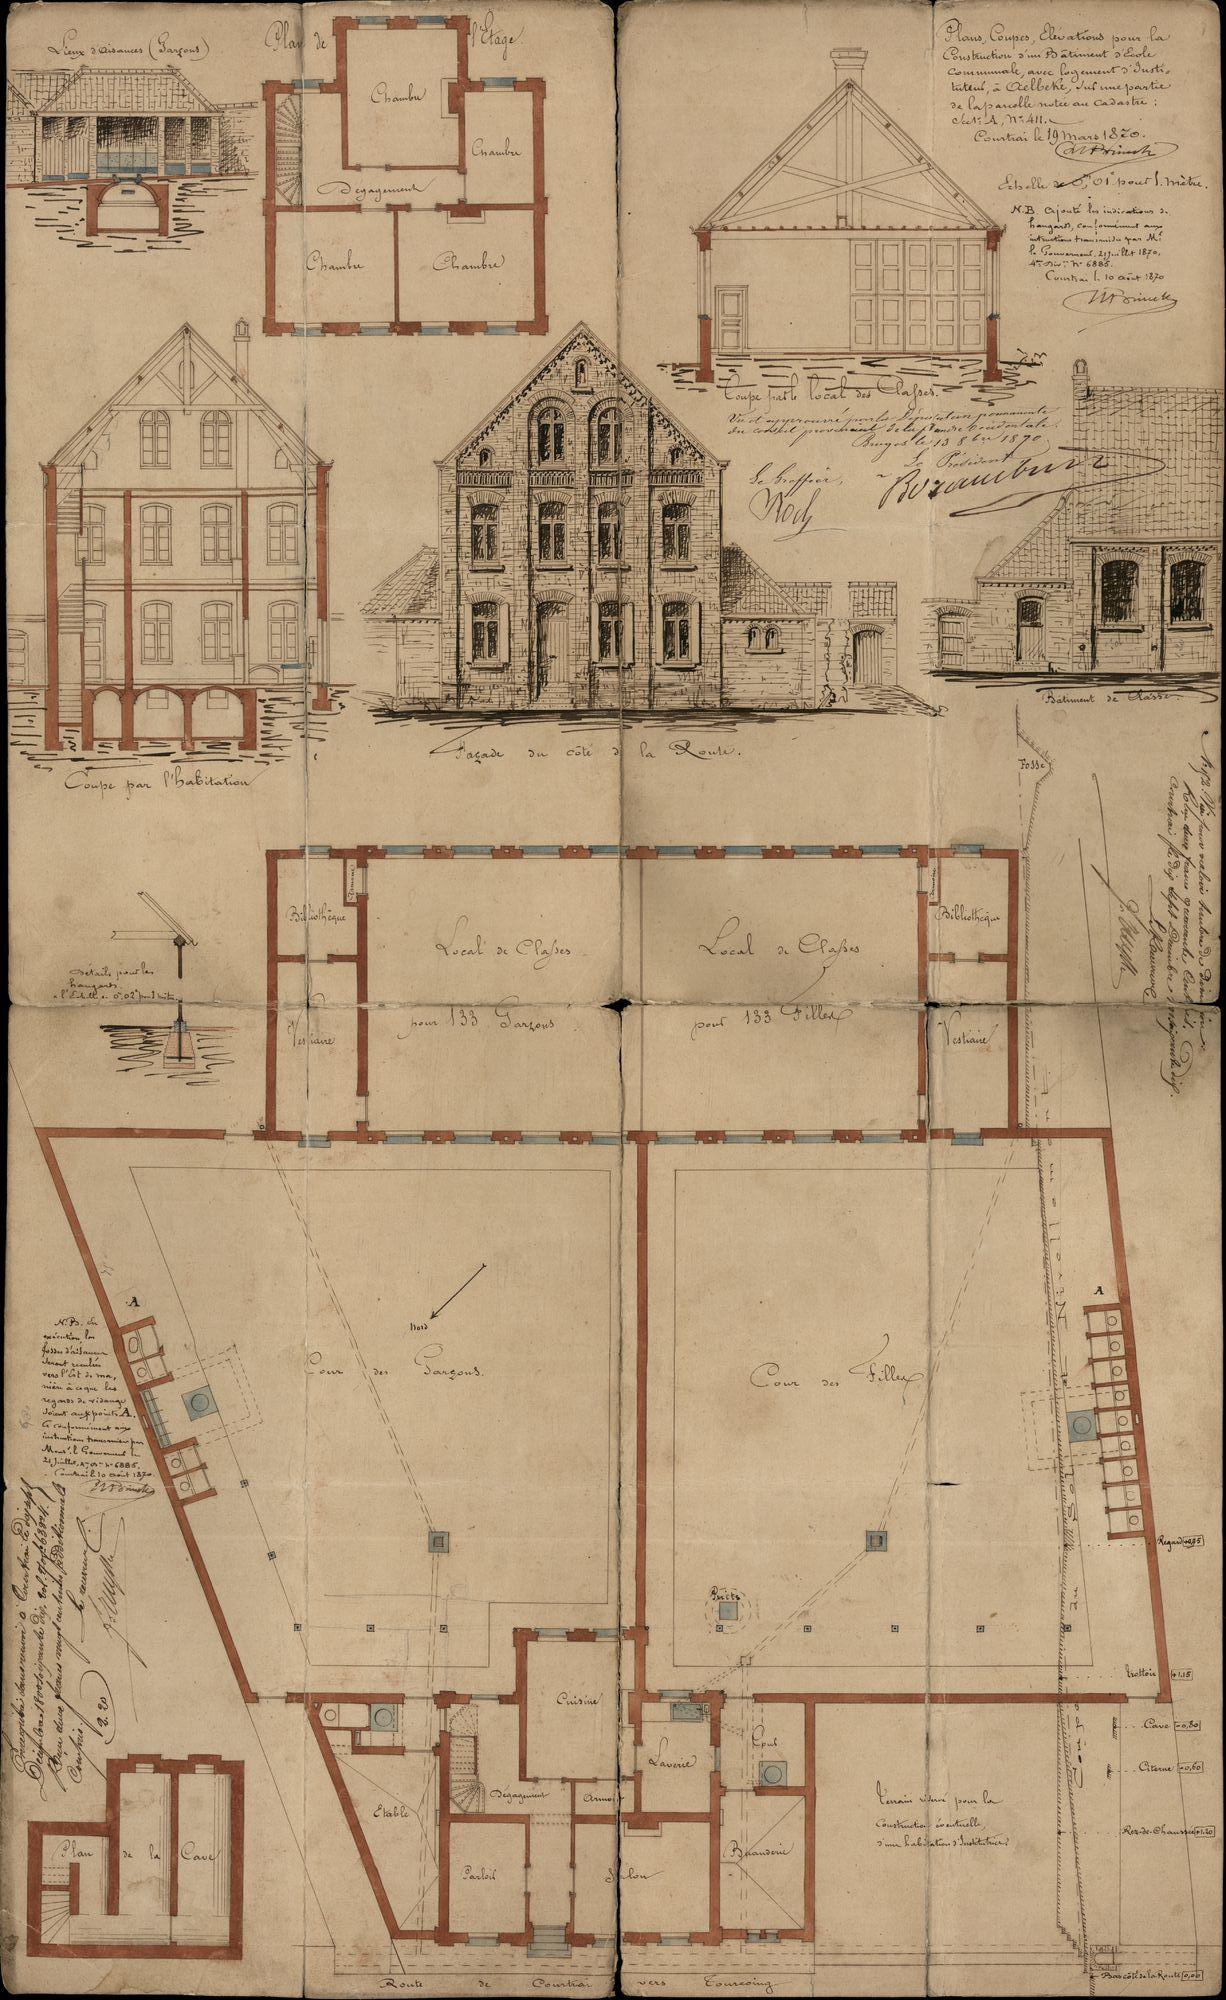 Bouwplannen voor de bouw van een gemeenteschool en een huis voor de onderwijzer te Aalbeke, 1964-1870